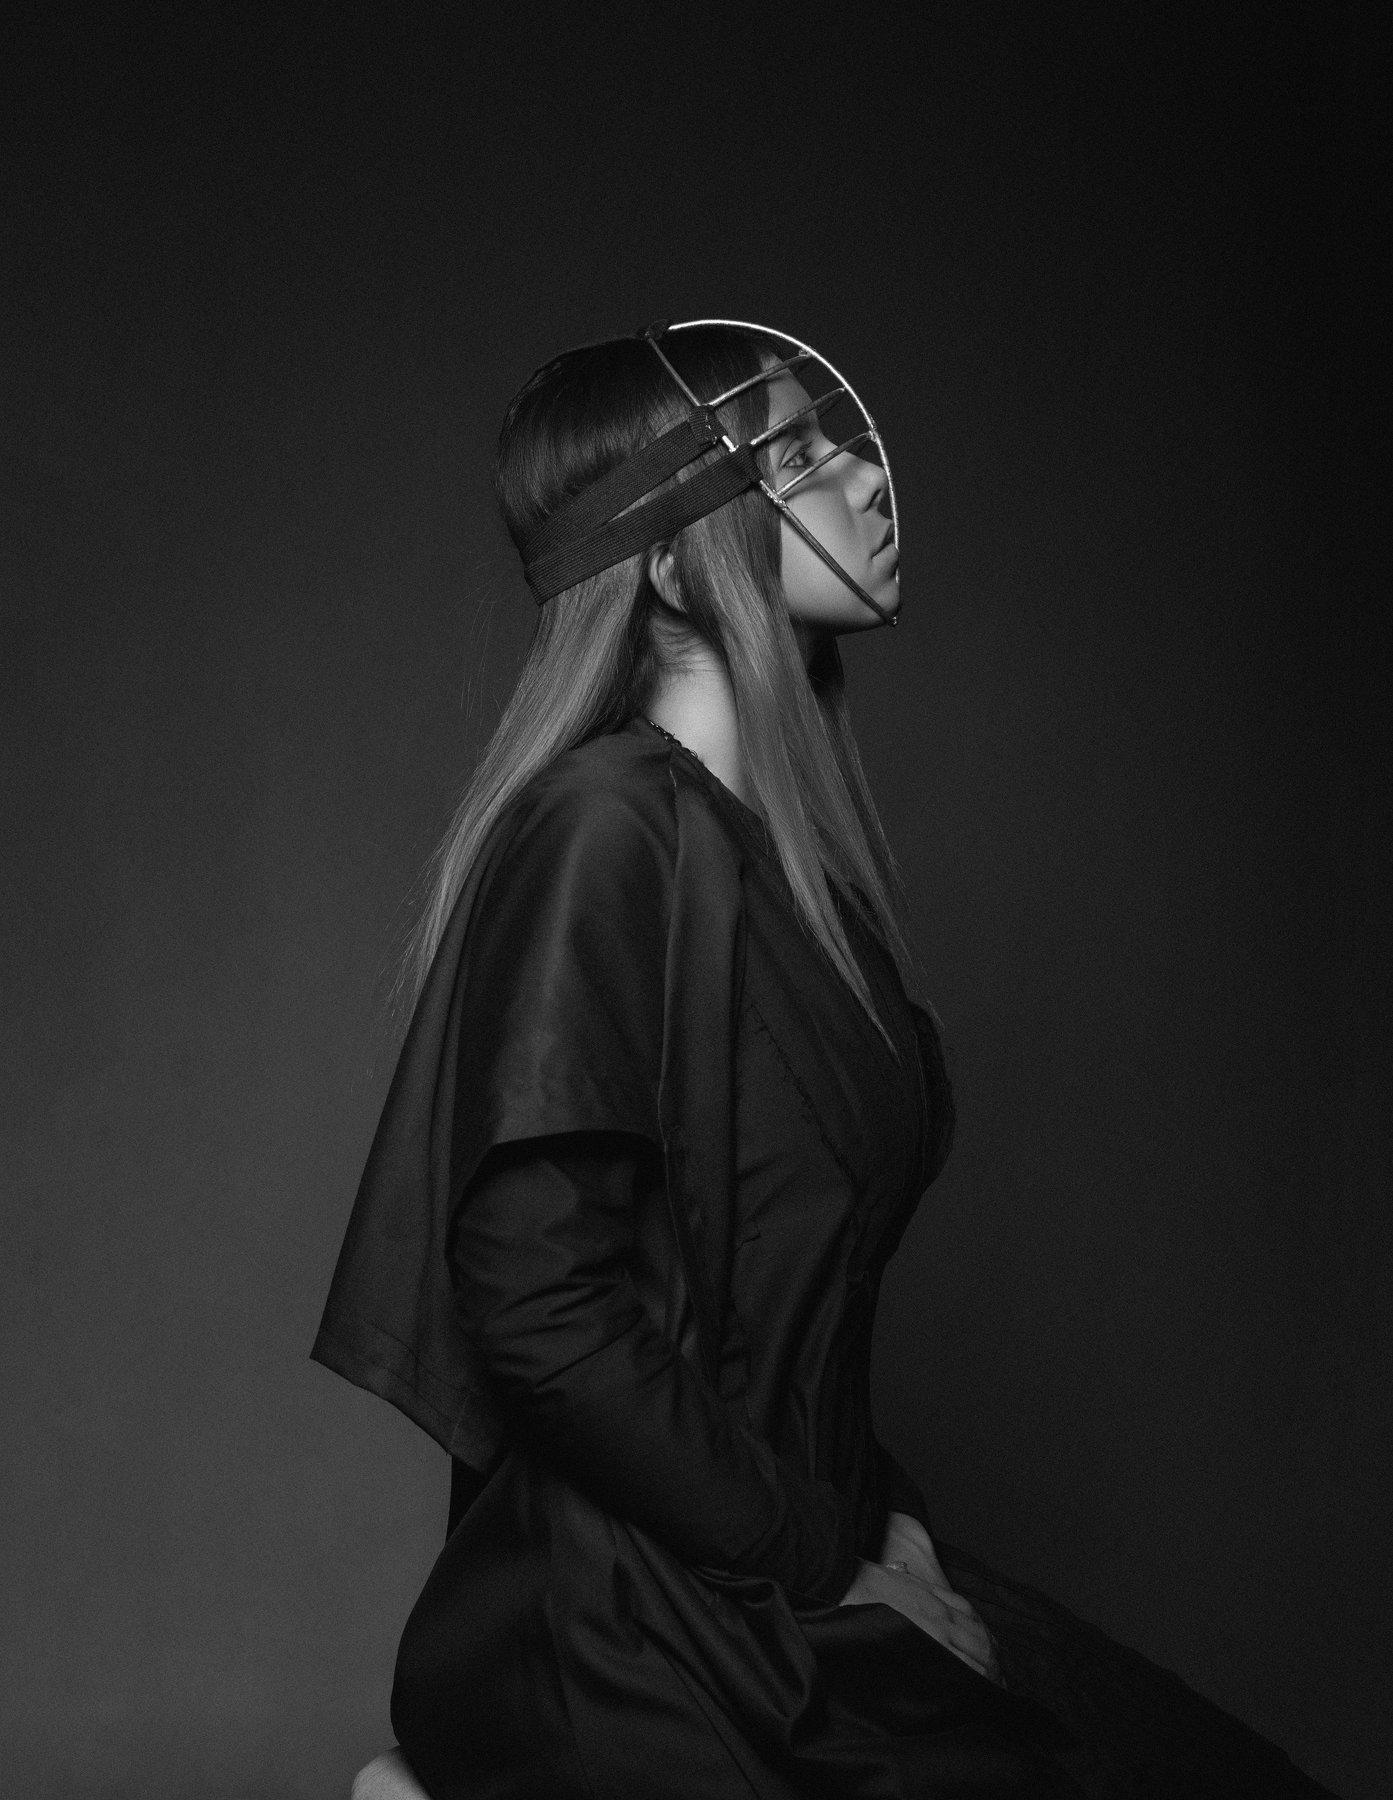 #fashion #women #art  #forced #35photo #mask #artistic #design #art, hamze dashtrazmi